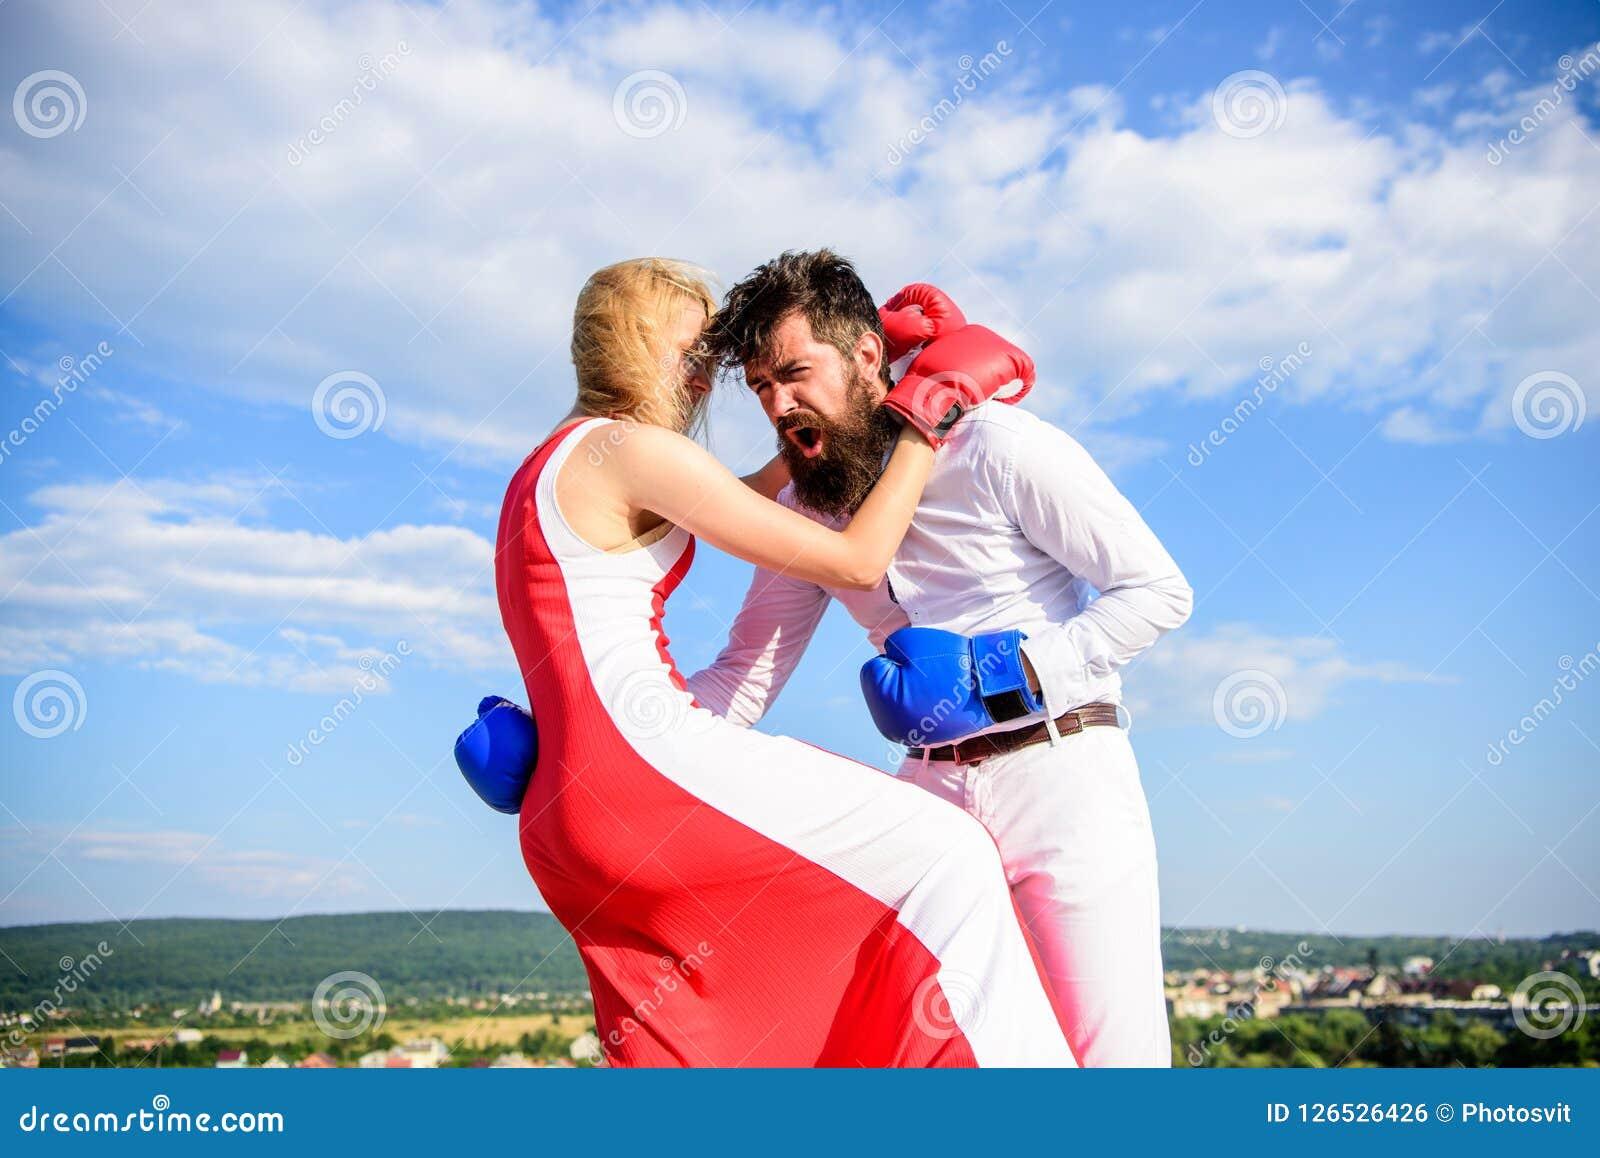 Υπερασπίστε την άποψή σας στην αντιμετώπιση Υπόβαθρο ουρανού εγκιβωτίζοντας γαντιών πάλης ανδρών και γυναικών Θηλυκή επίθεση Πάρτ